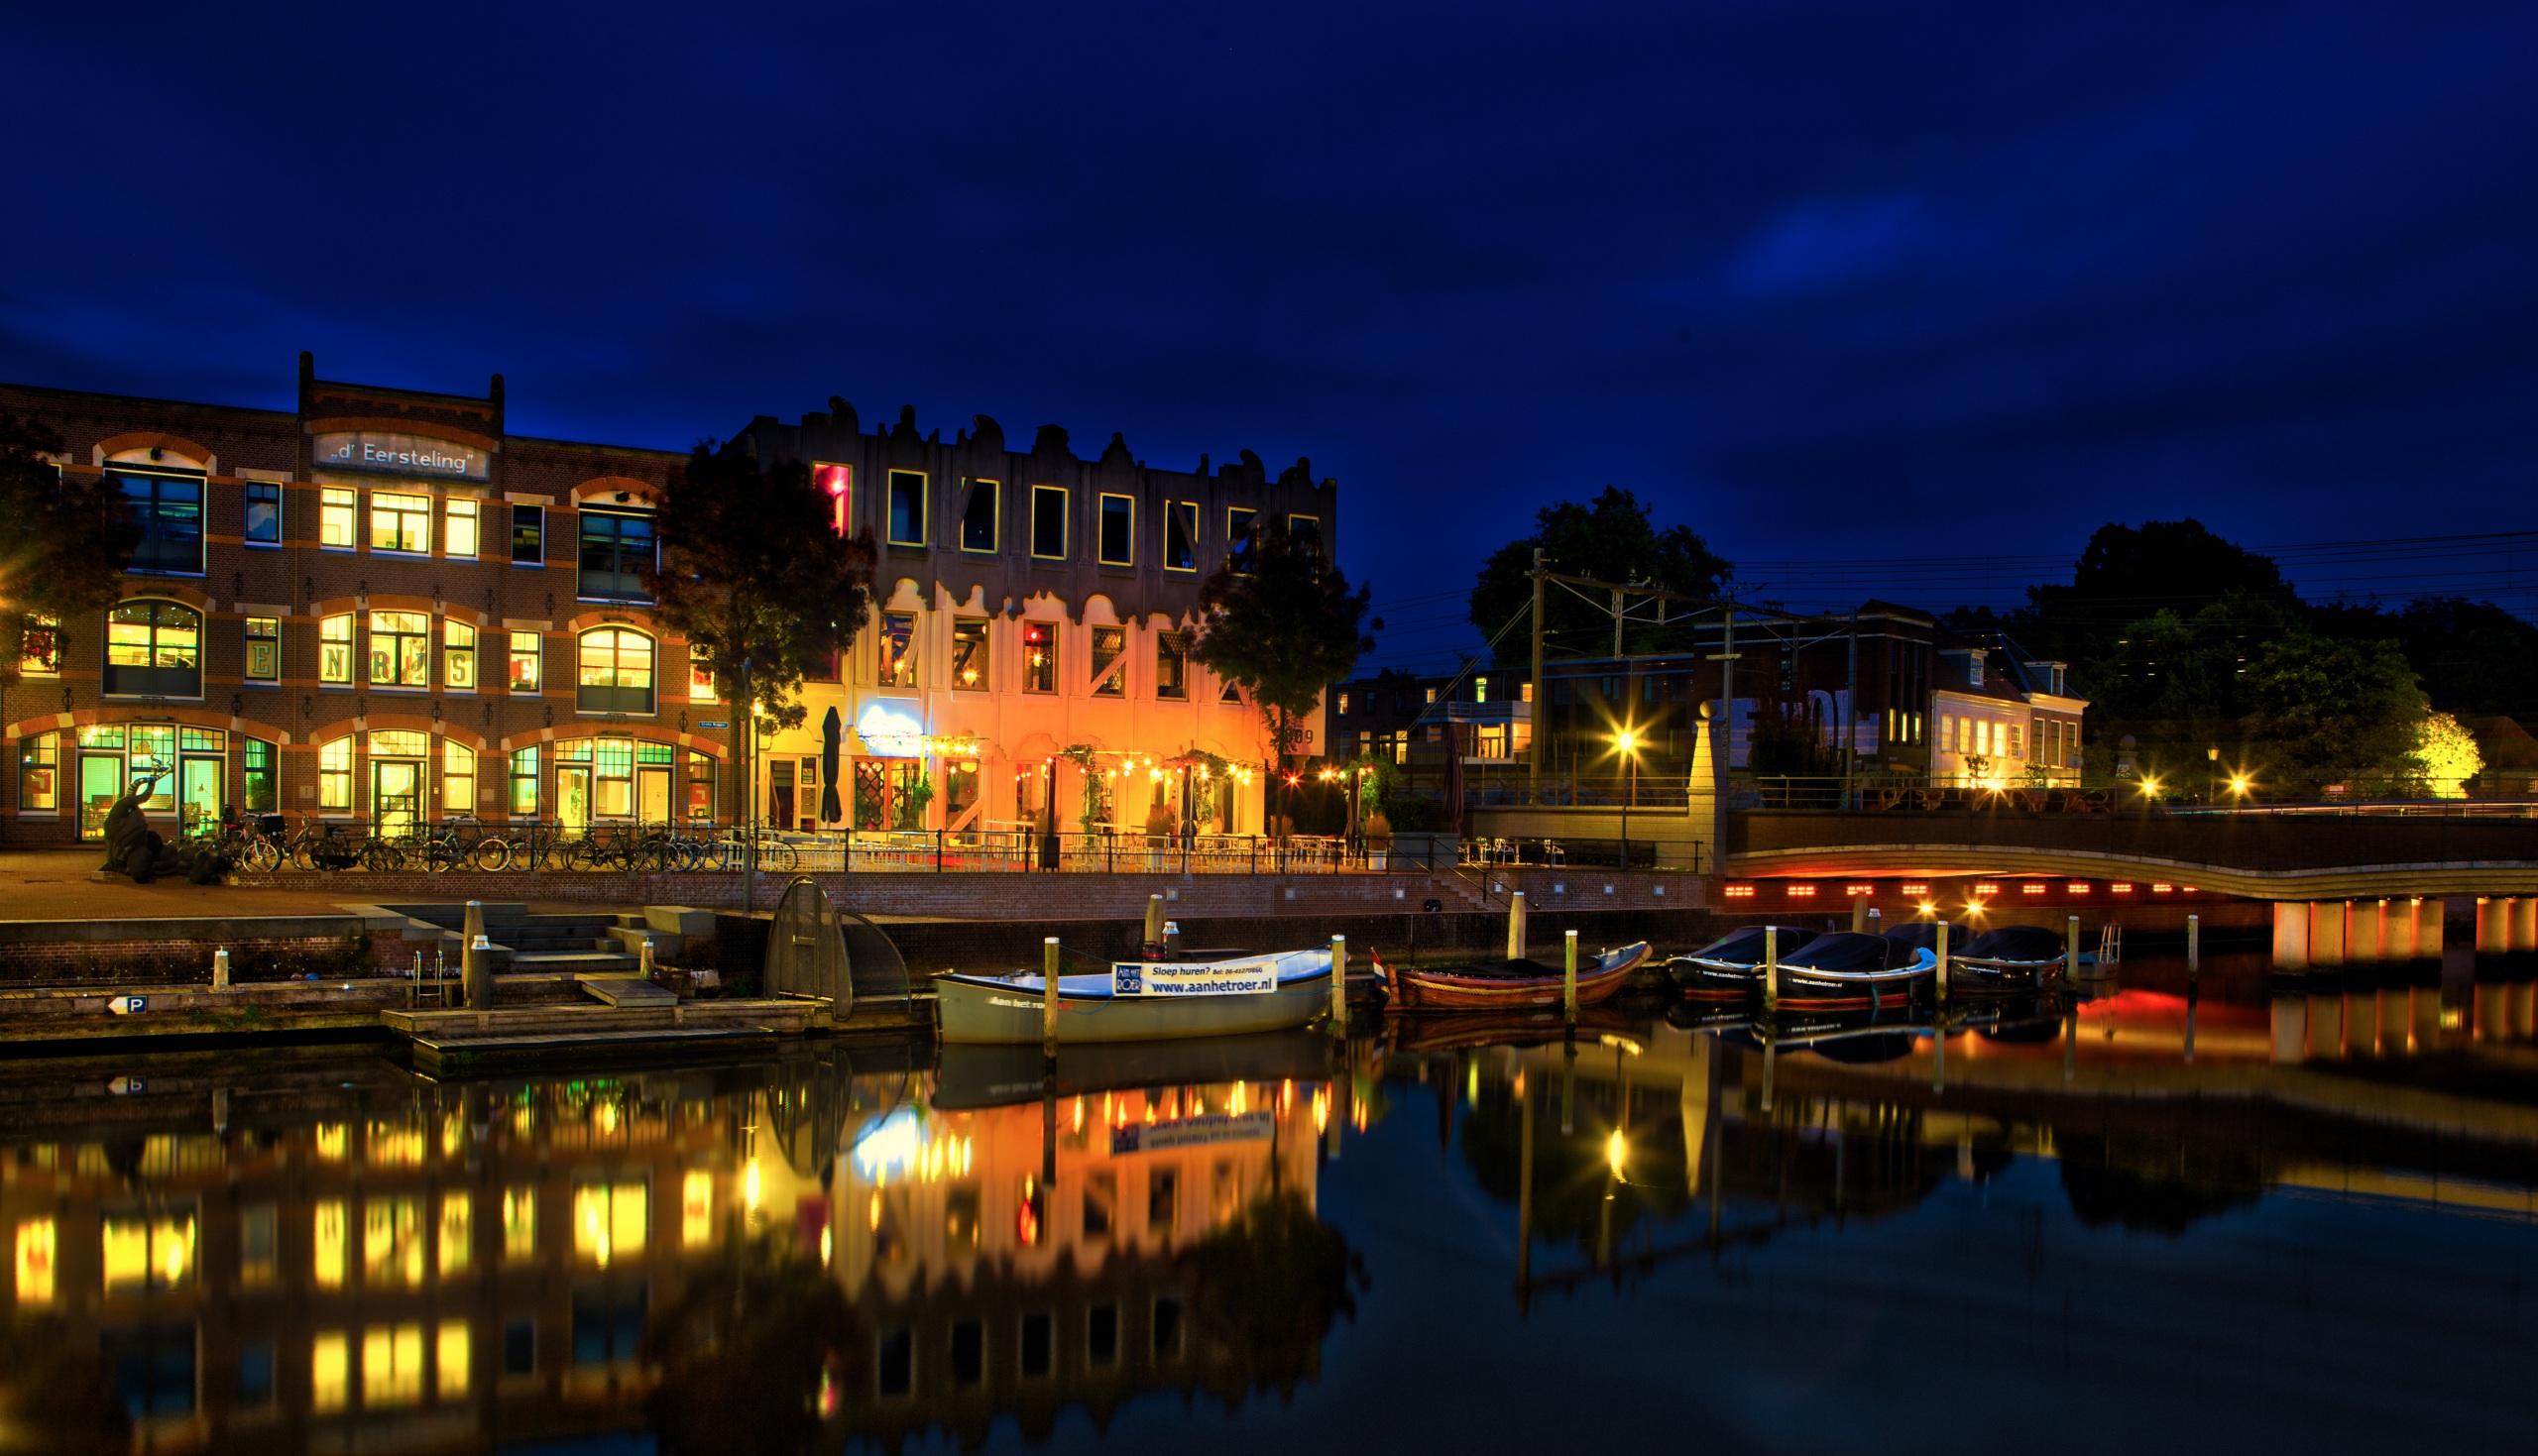 Фото Нидерланды Amersfoort canals Водный канал ночью Лодки Причалы Уличные фонари Дома Города 2560x1469 Ночь Пирсы в ночи Ночные Пристань город Здания